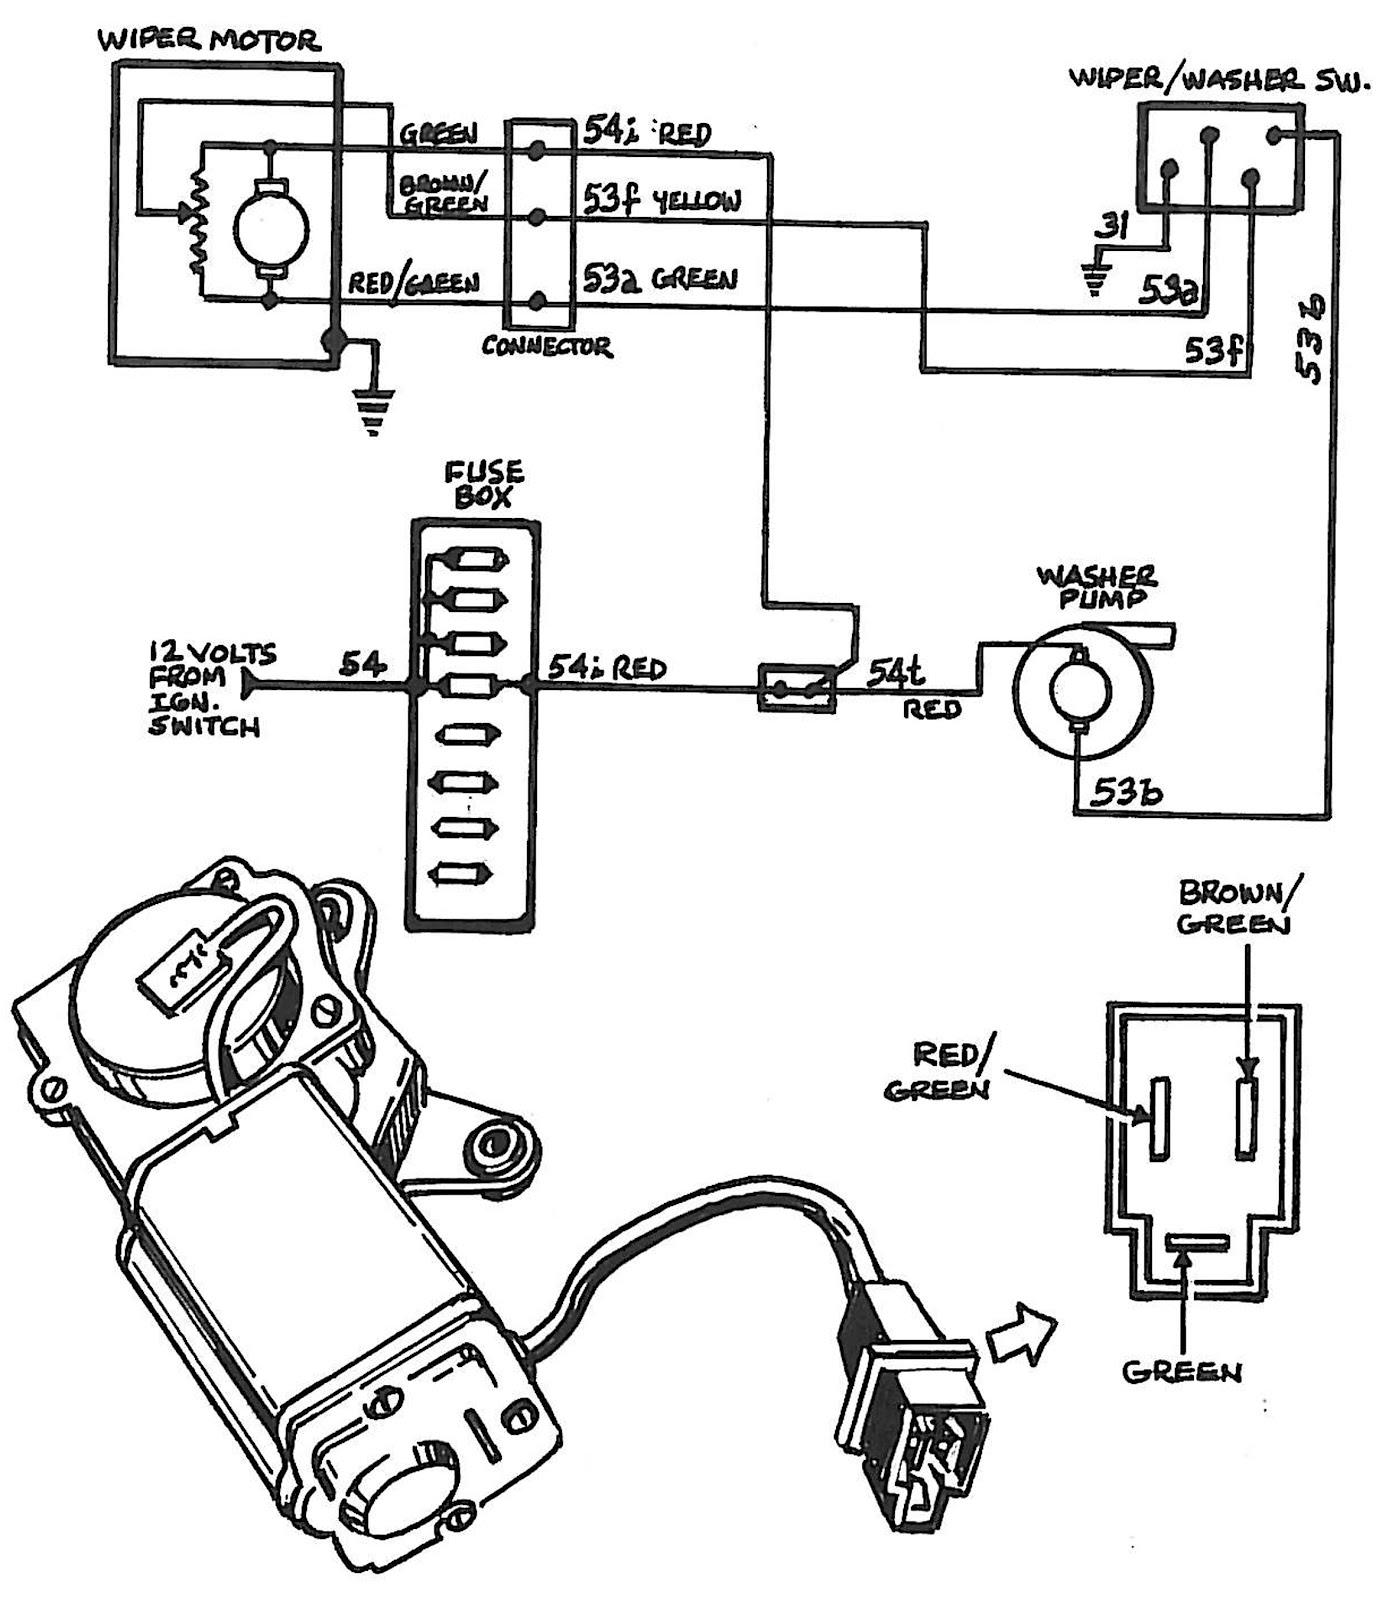 cj5 wiper motor wiring diagram tz 0981  lucas wiper motor wiring diagram free diagram  lucas wiper motor wiring diagram free